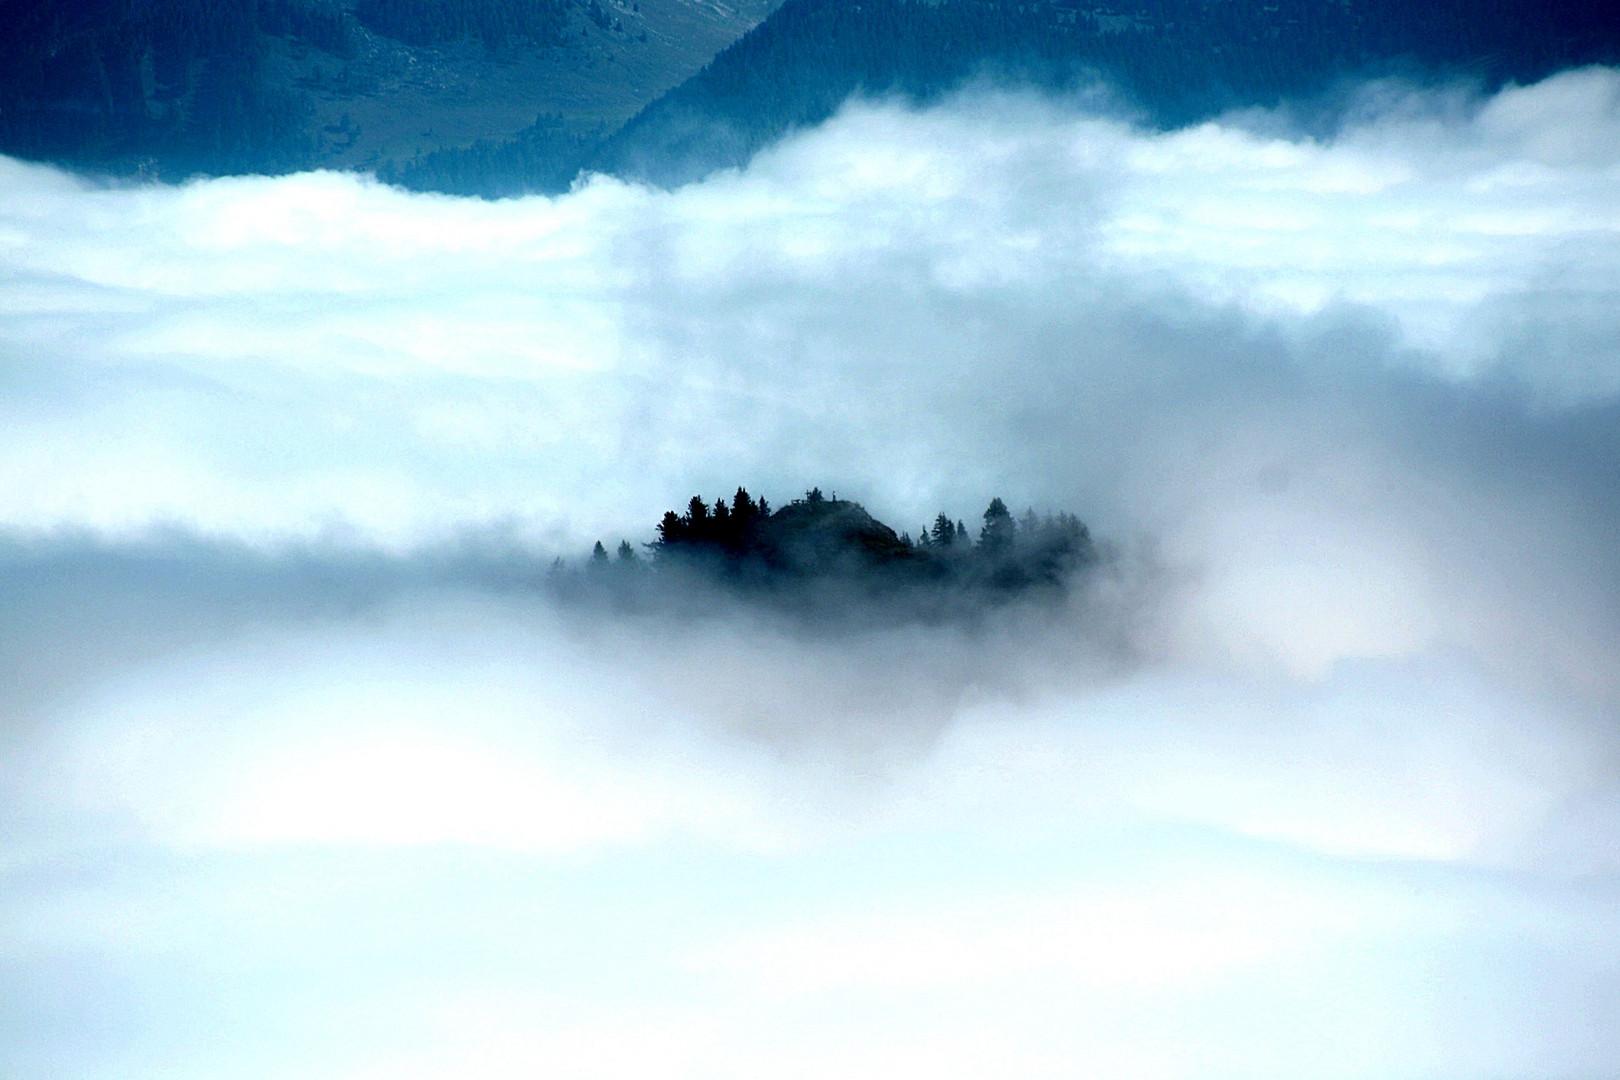 Leben auf der Wolke